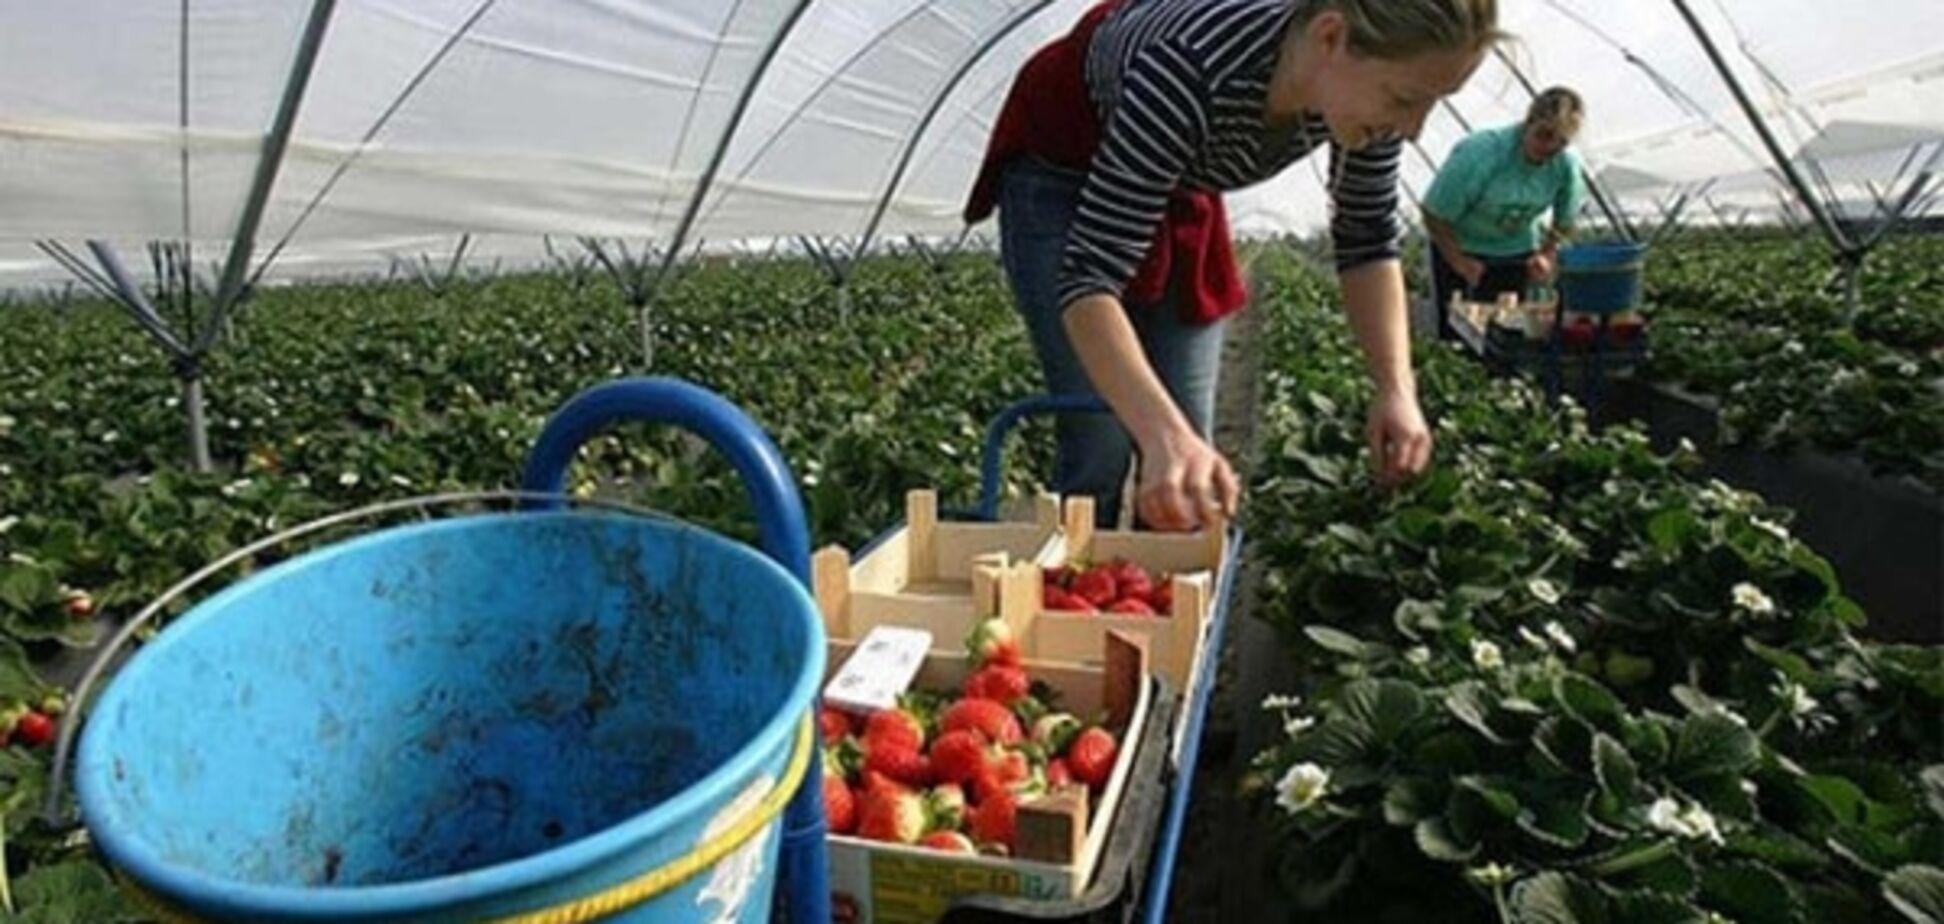 На Харьковщине выявили 3,5 тыс. работников-'нелегалов'